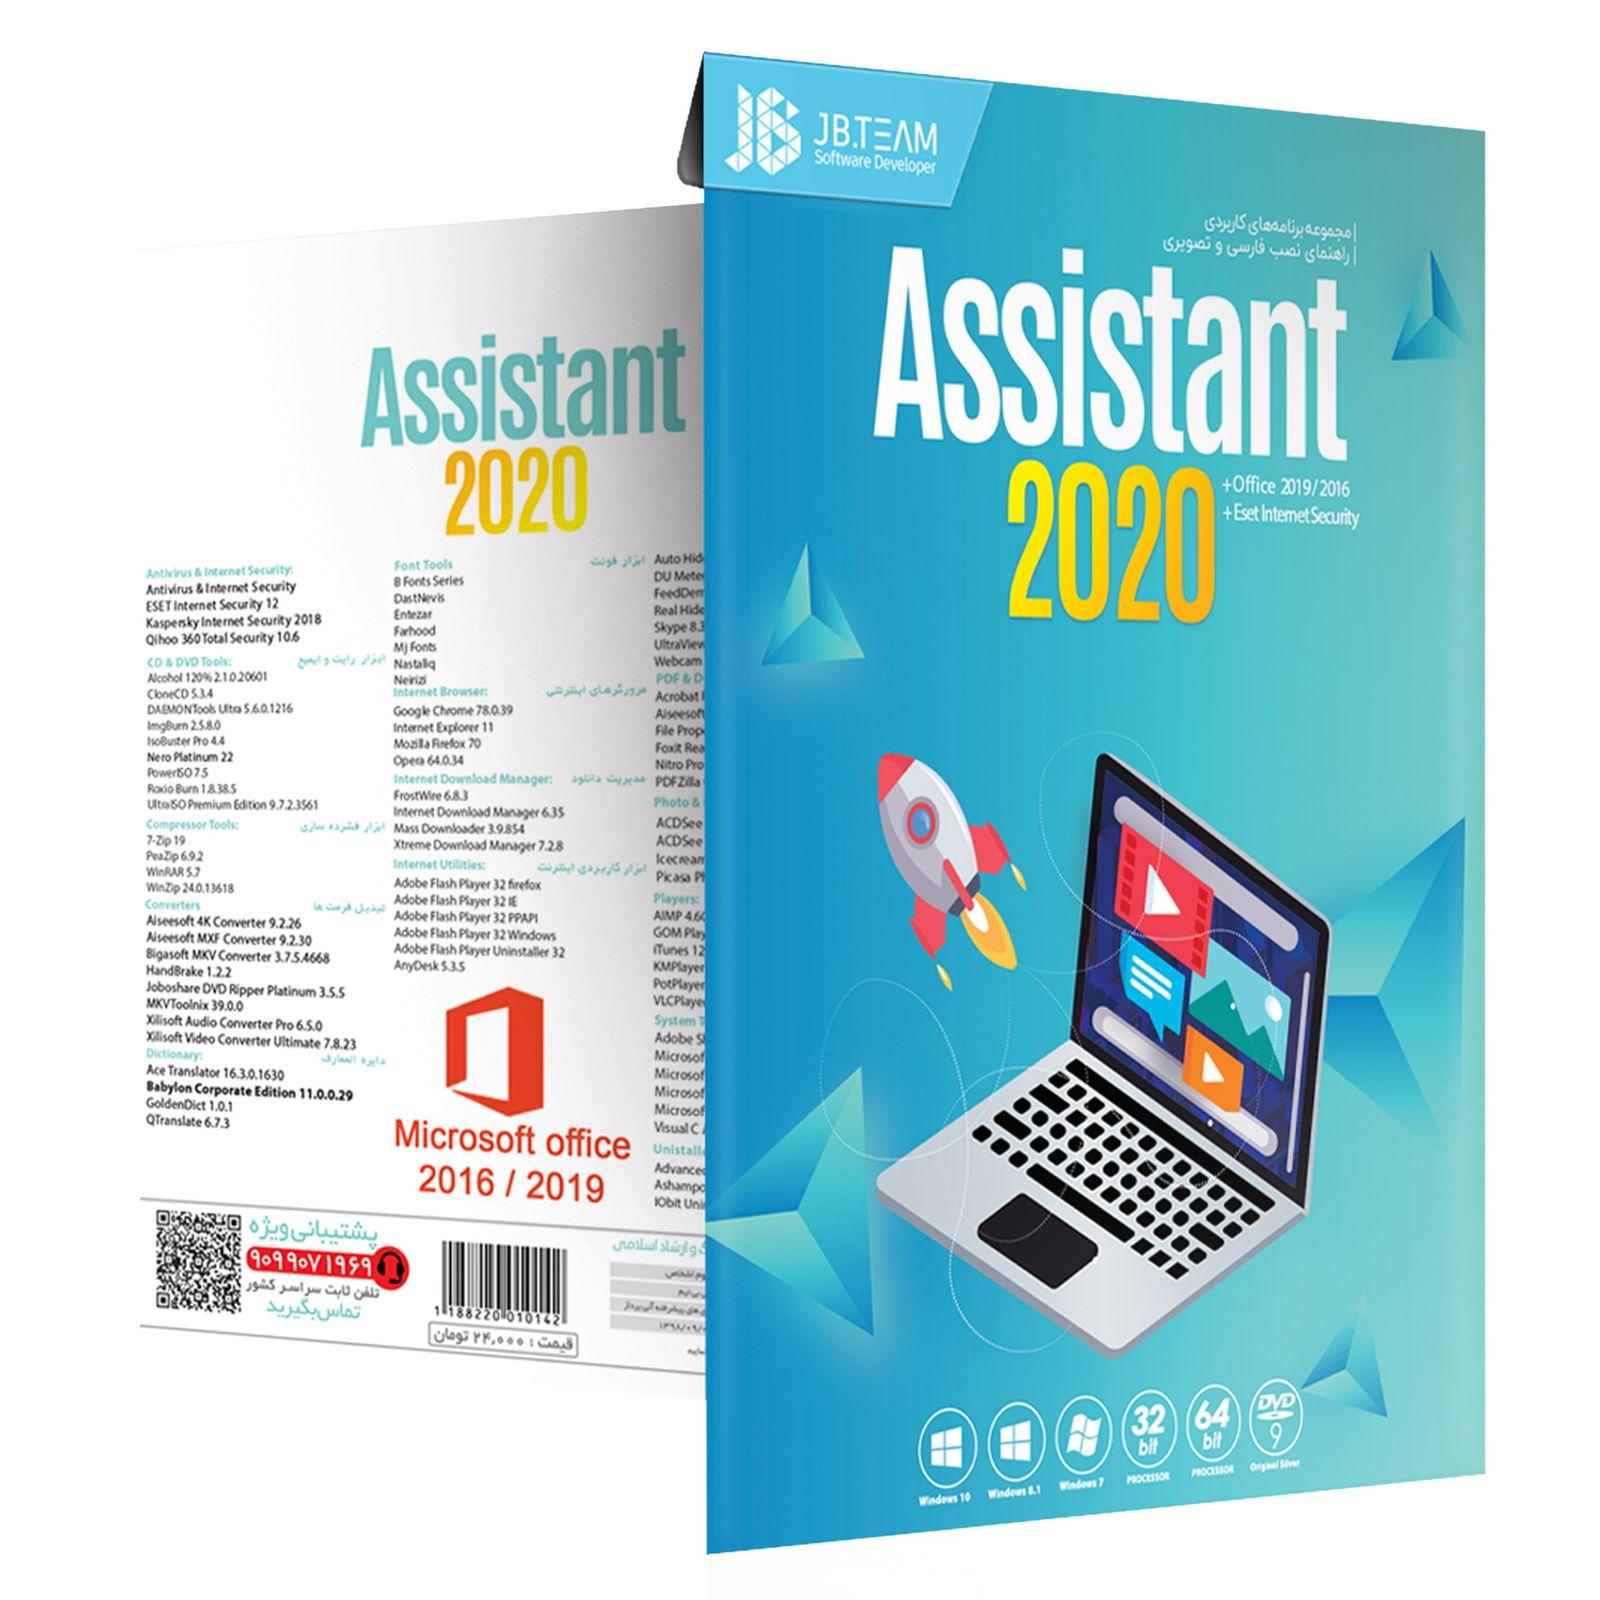 مجموعه نرم افزار Assistant 2020 نشر جی بی تیم main 1 2